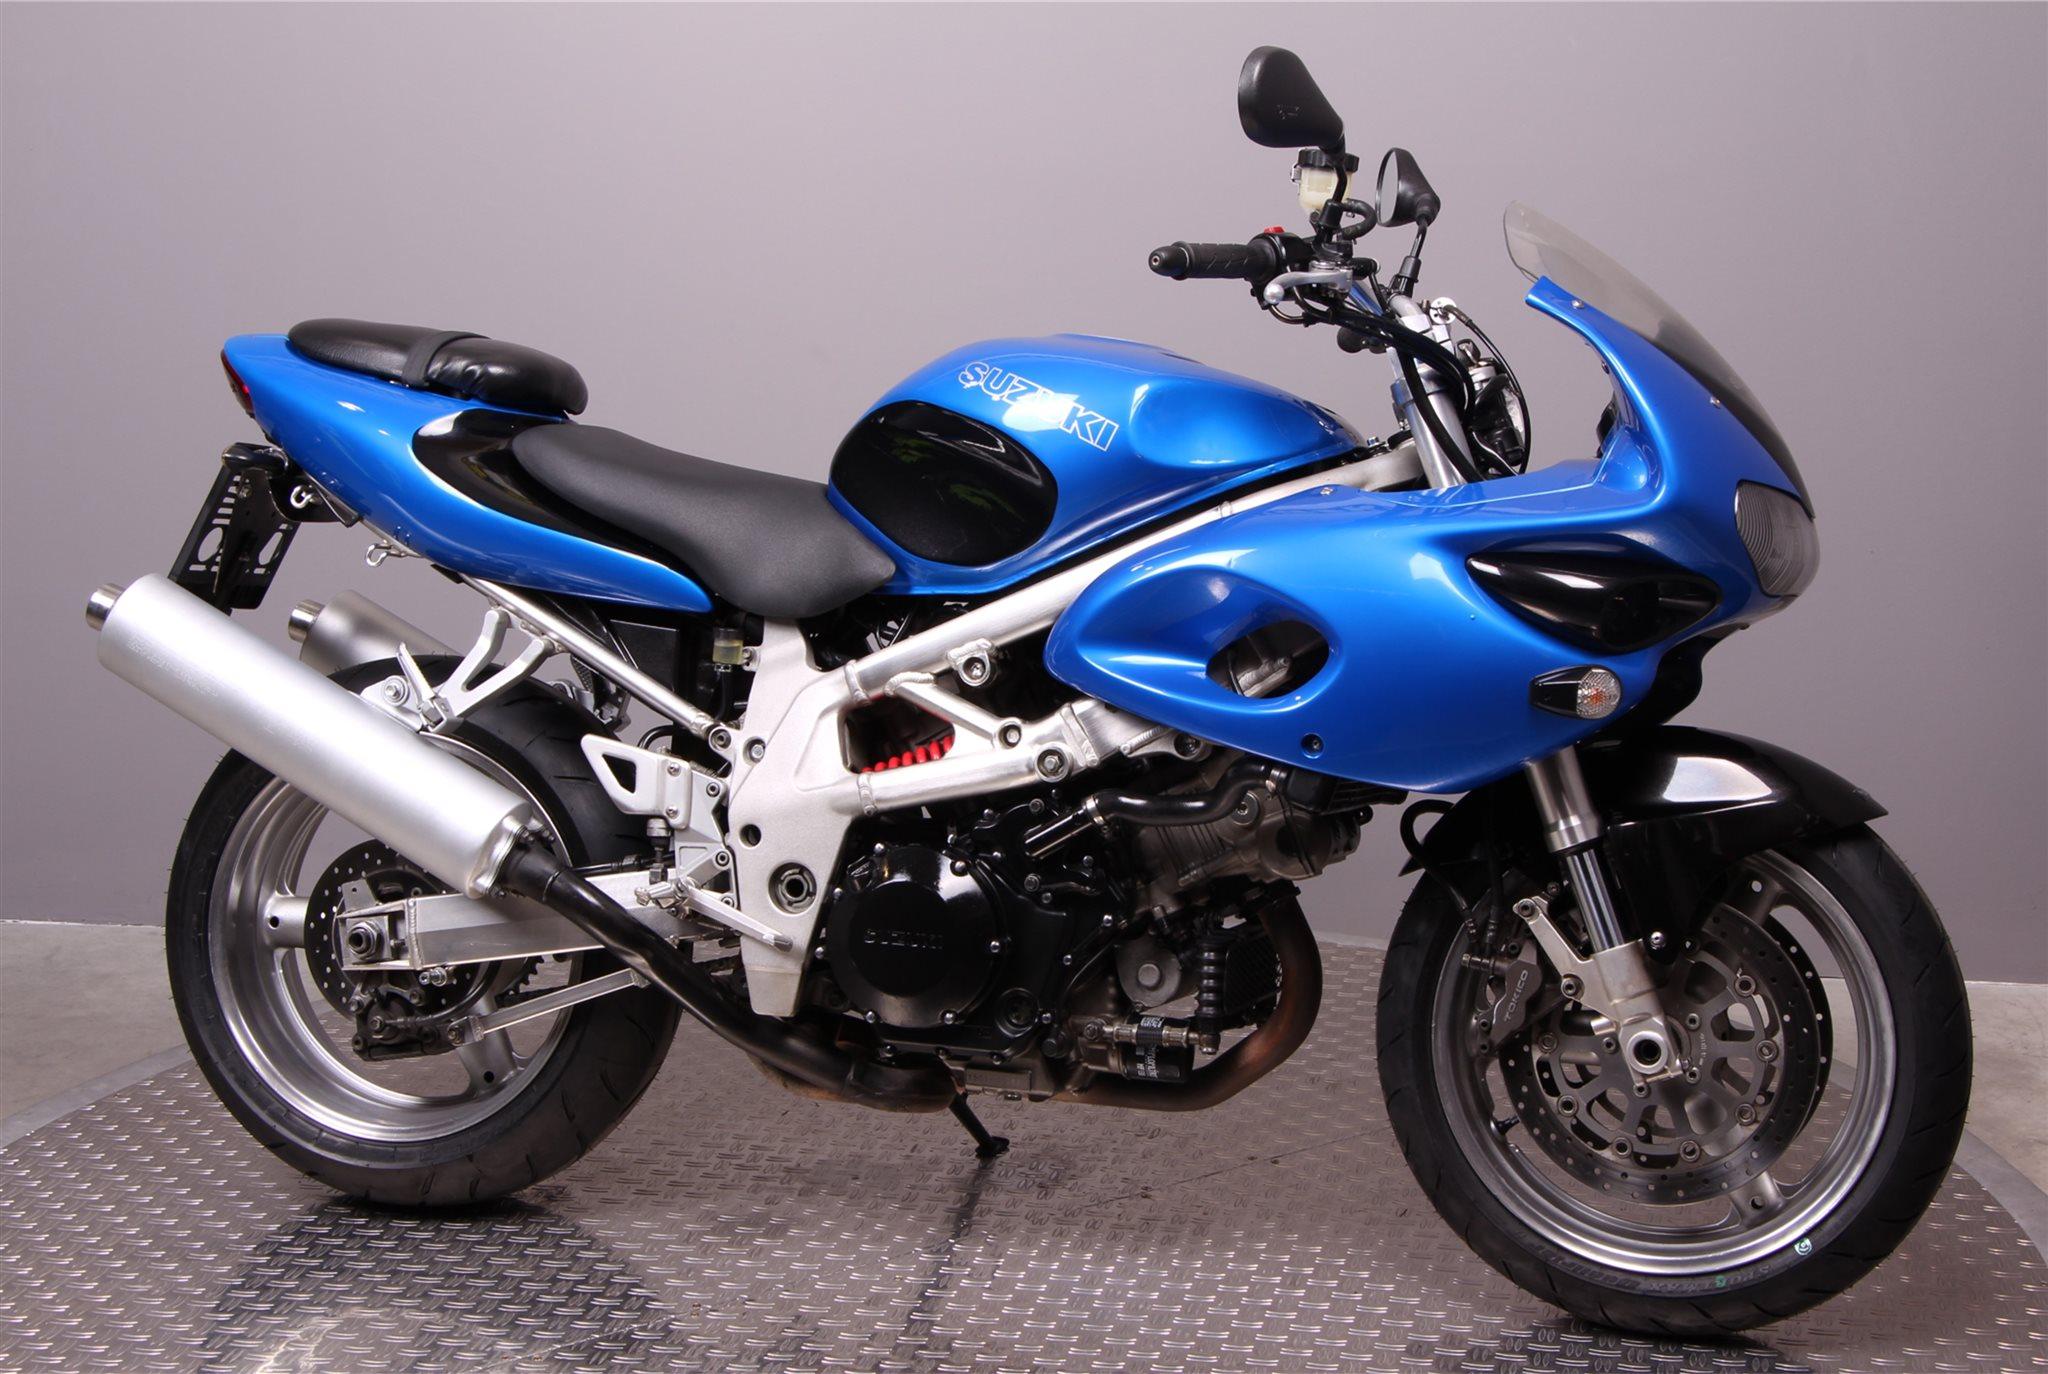 Suzuki TL 1000 S Motorrad, gebraucht